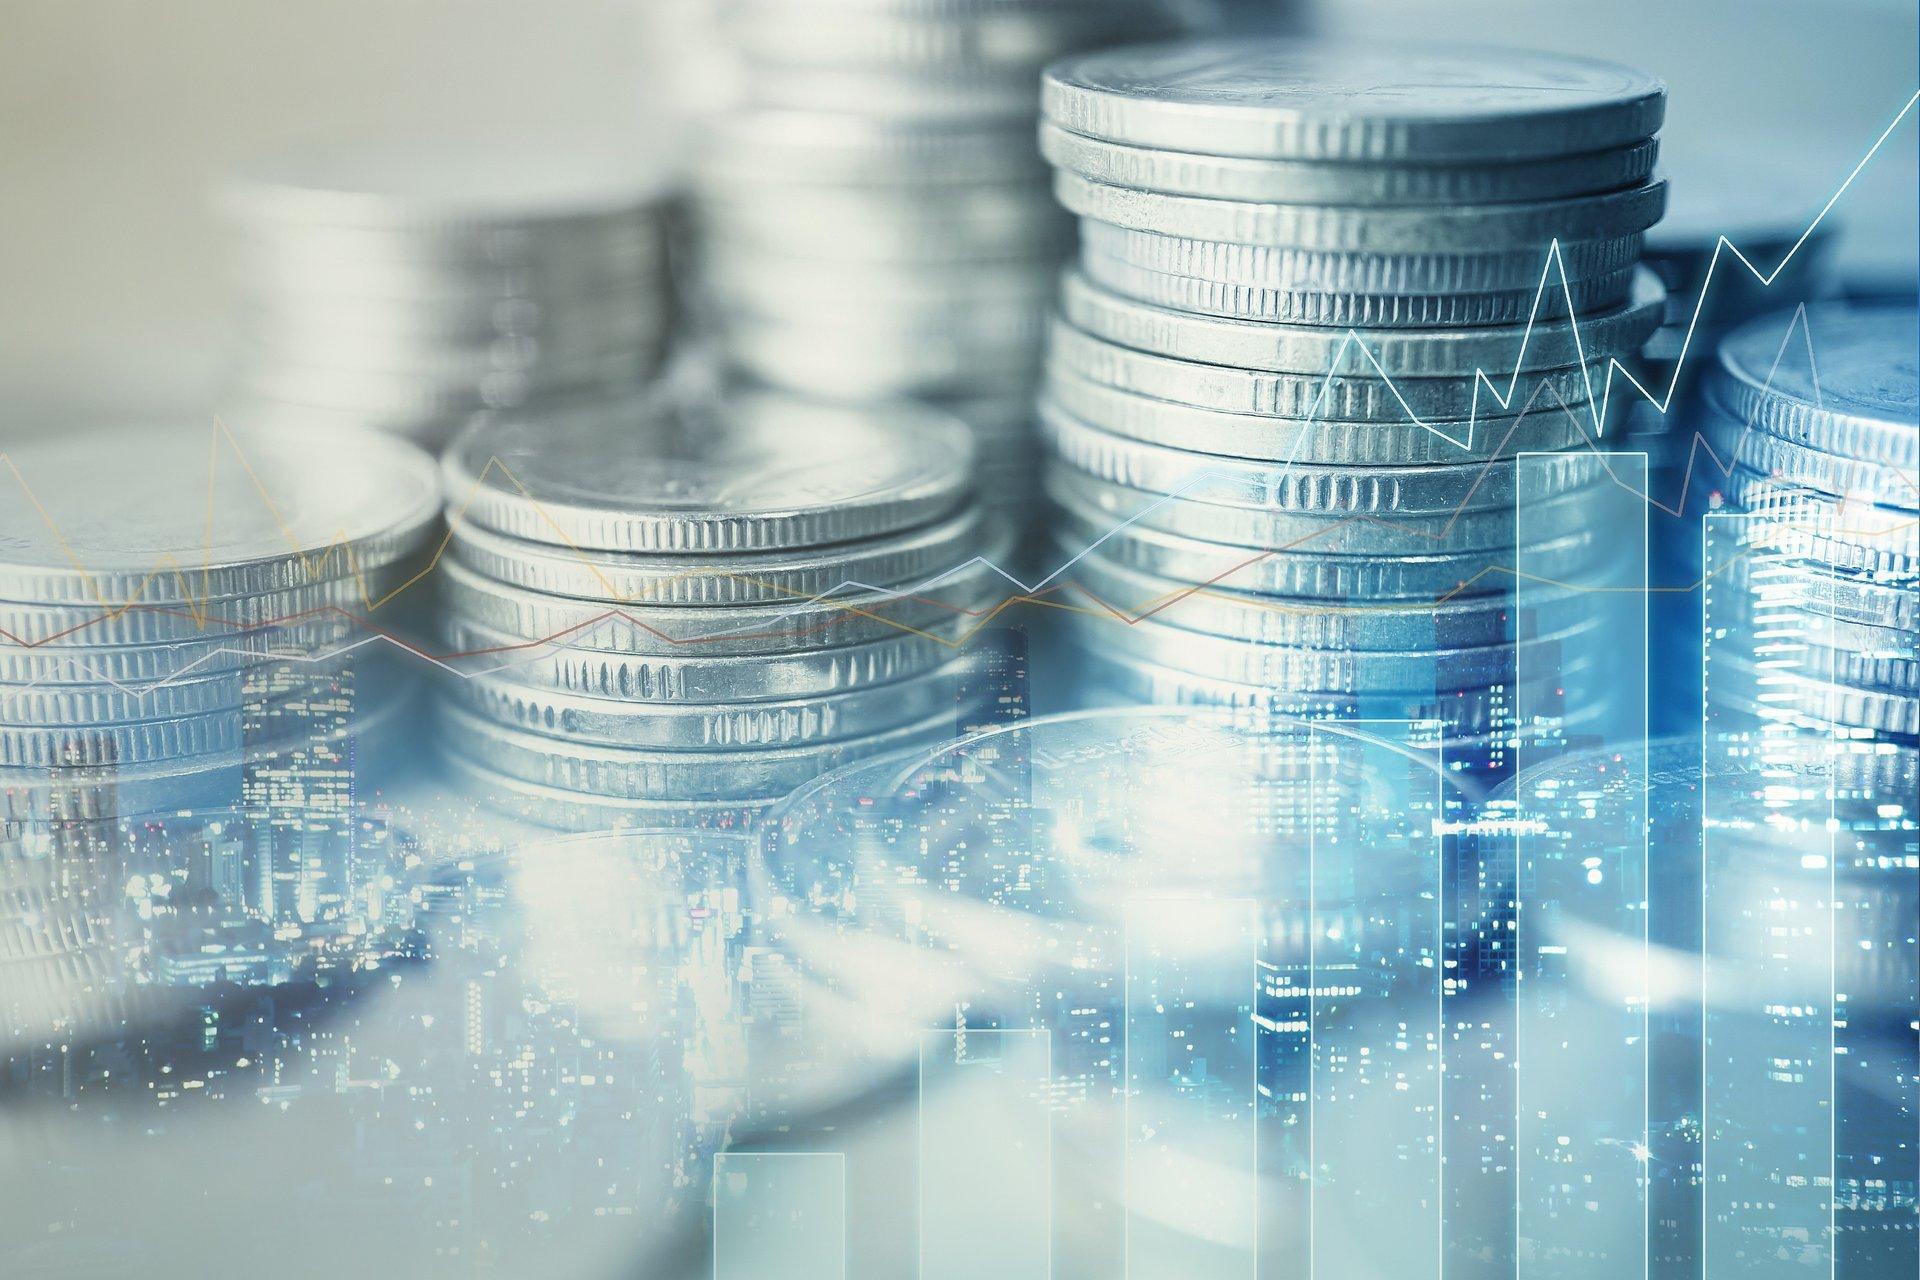 Polski Funduszu Rozwoju SA sprzedał obligacje za rekordową kwotę 18,5 mld zł! To największa jednorazowa emisja obligacji dokonana w Polsce.